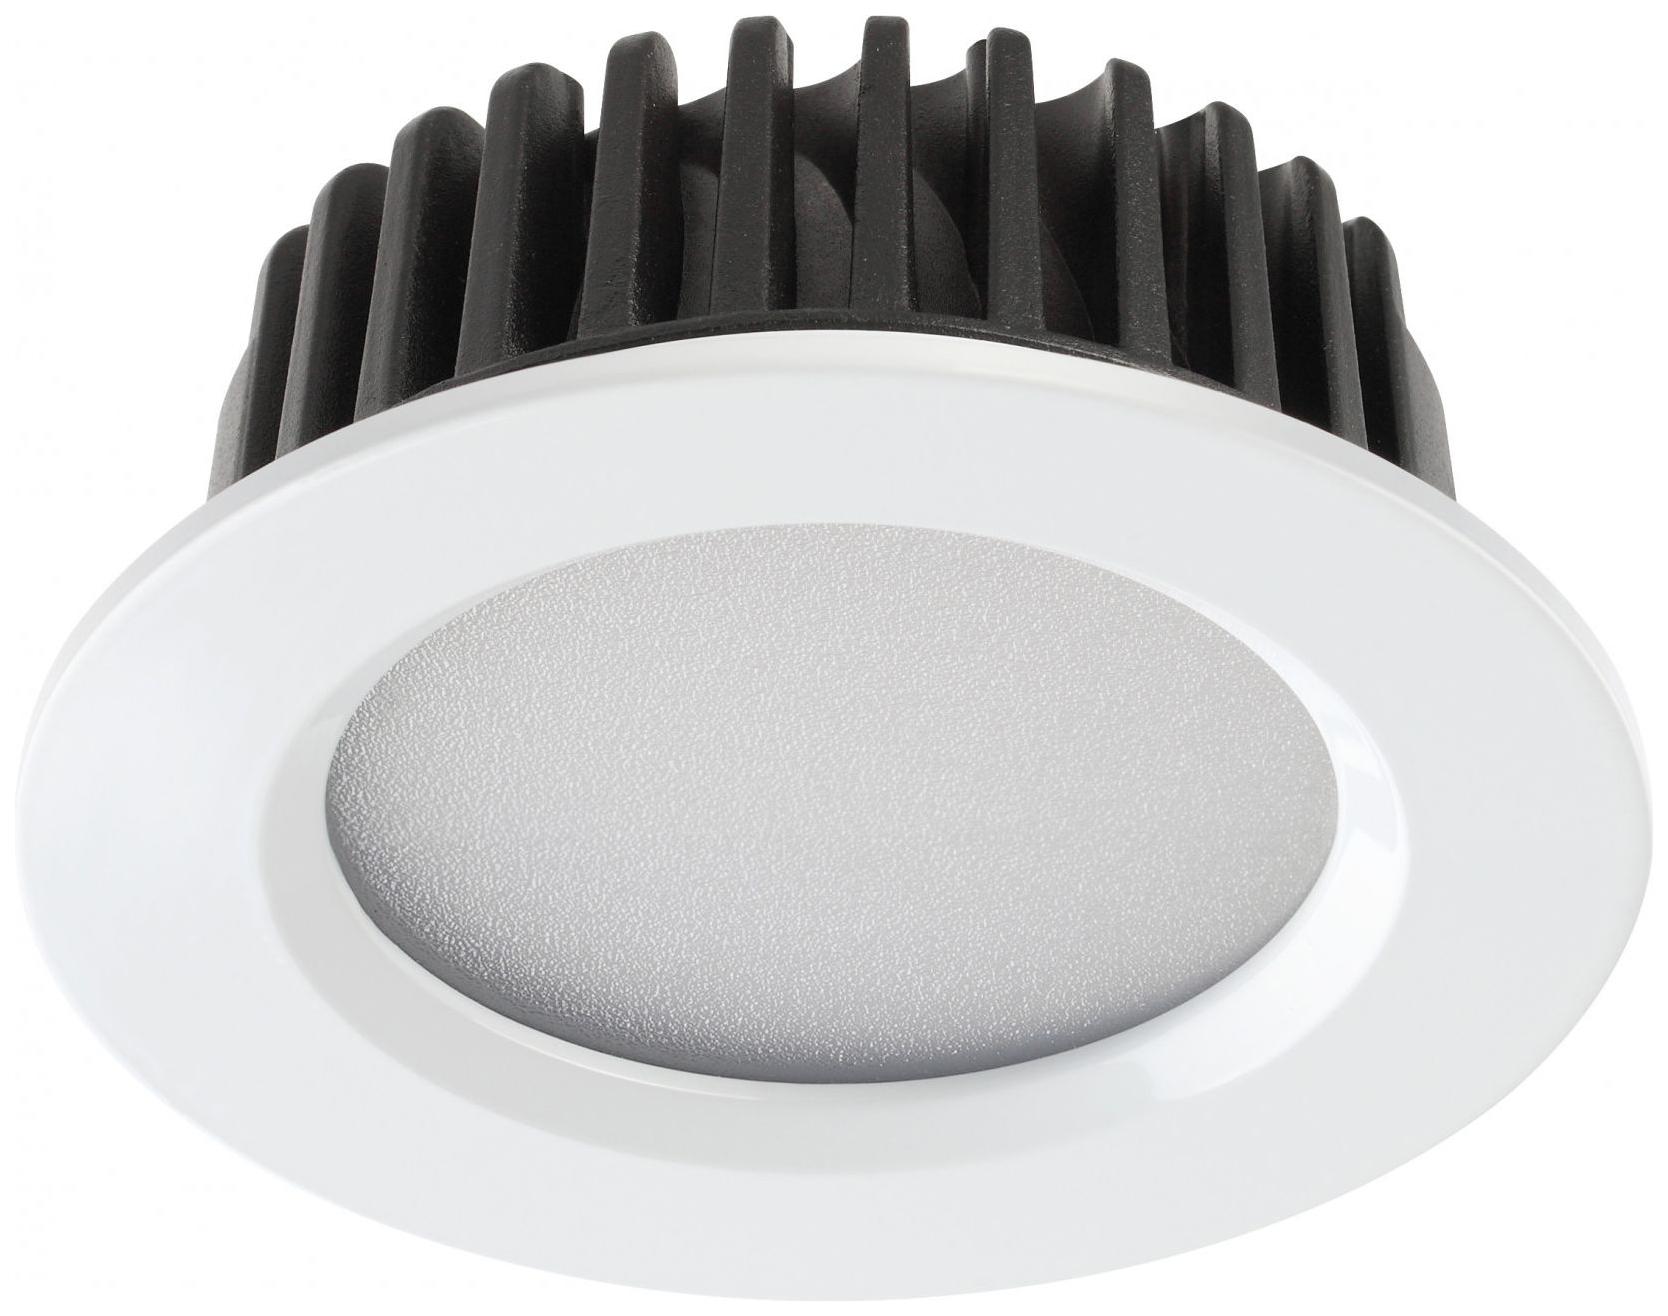 Встраиваемый светодиодный светильник Novotech Drum NT18 000 357600 Белый